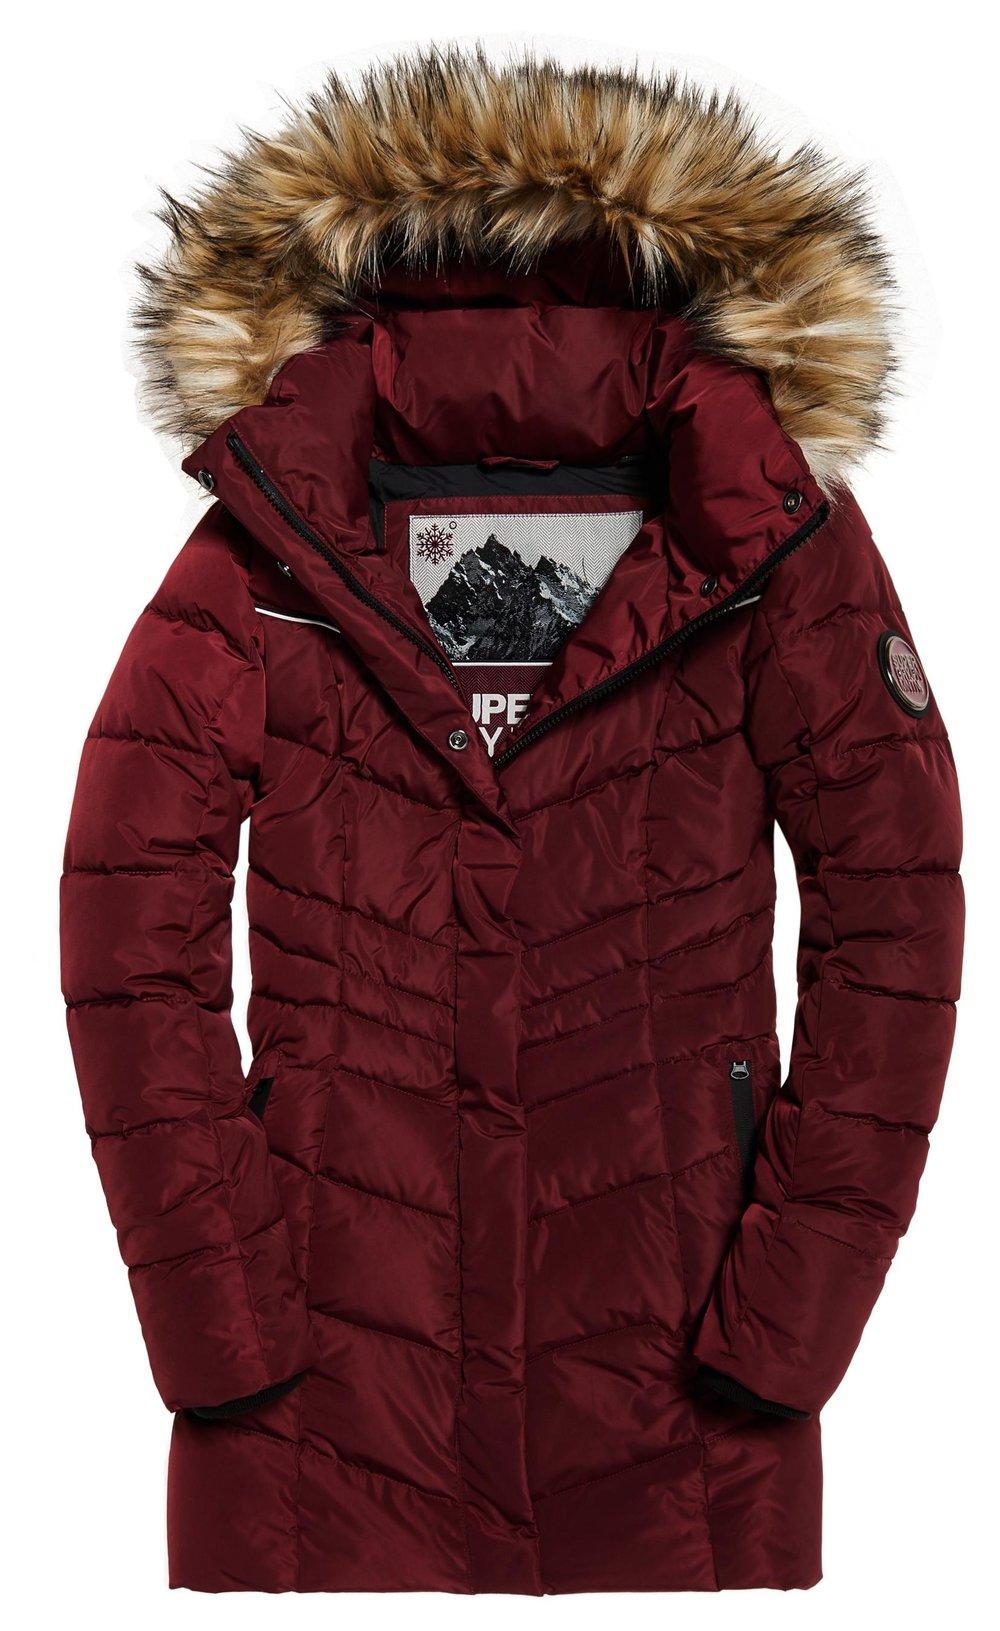 Supedry Glacier Parka Jacket £124.99 www.superdry.com.jpg